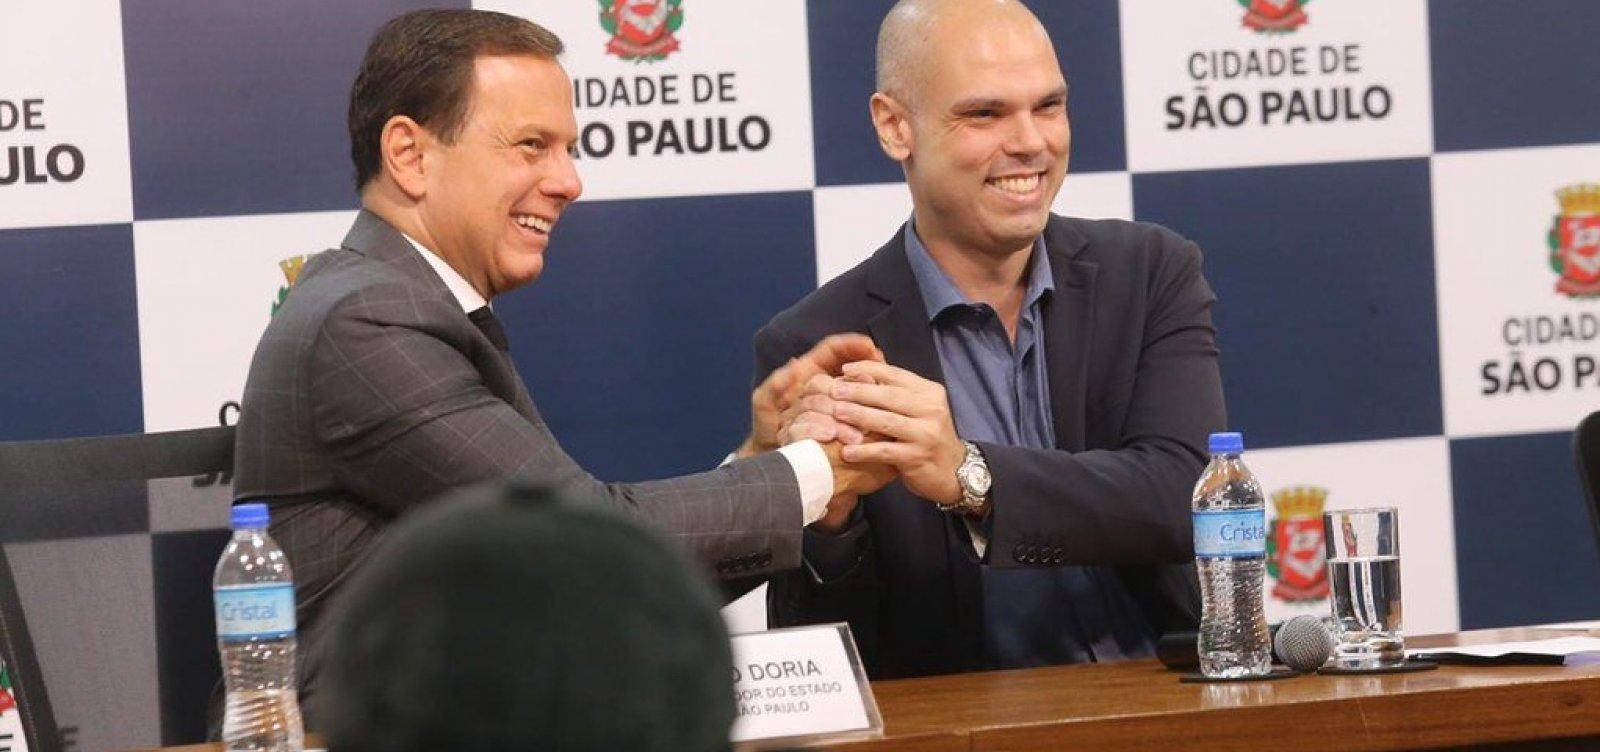 'Não tem plano B, tem o plano Bruno em 2020', afirma Doria sobre eleição municipal